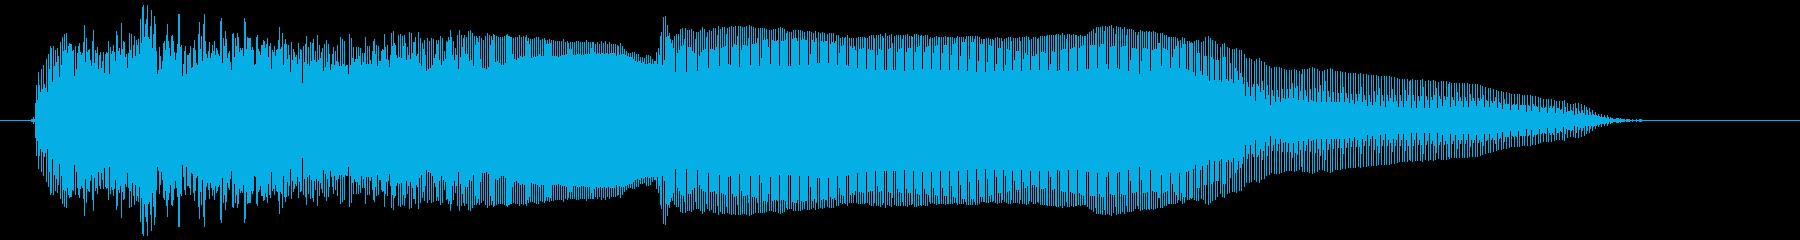 びっくりチキン特大 鳴き声の再生済みの波形